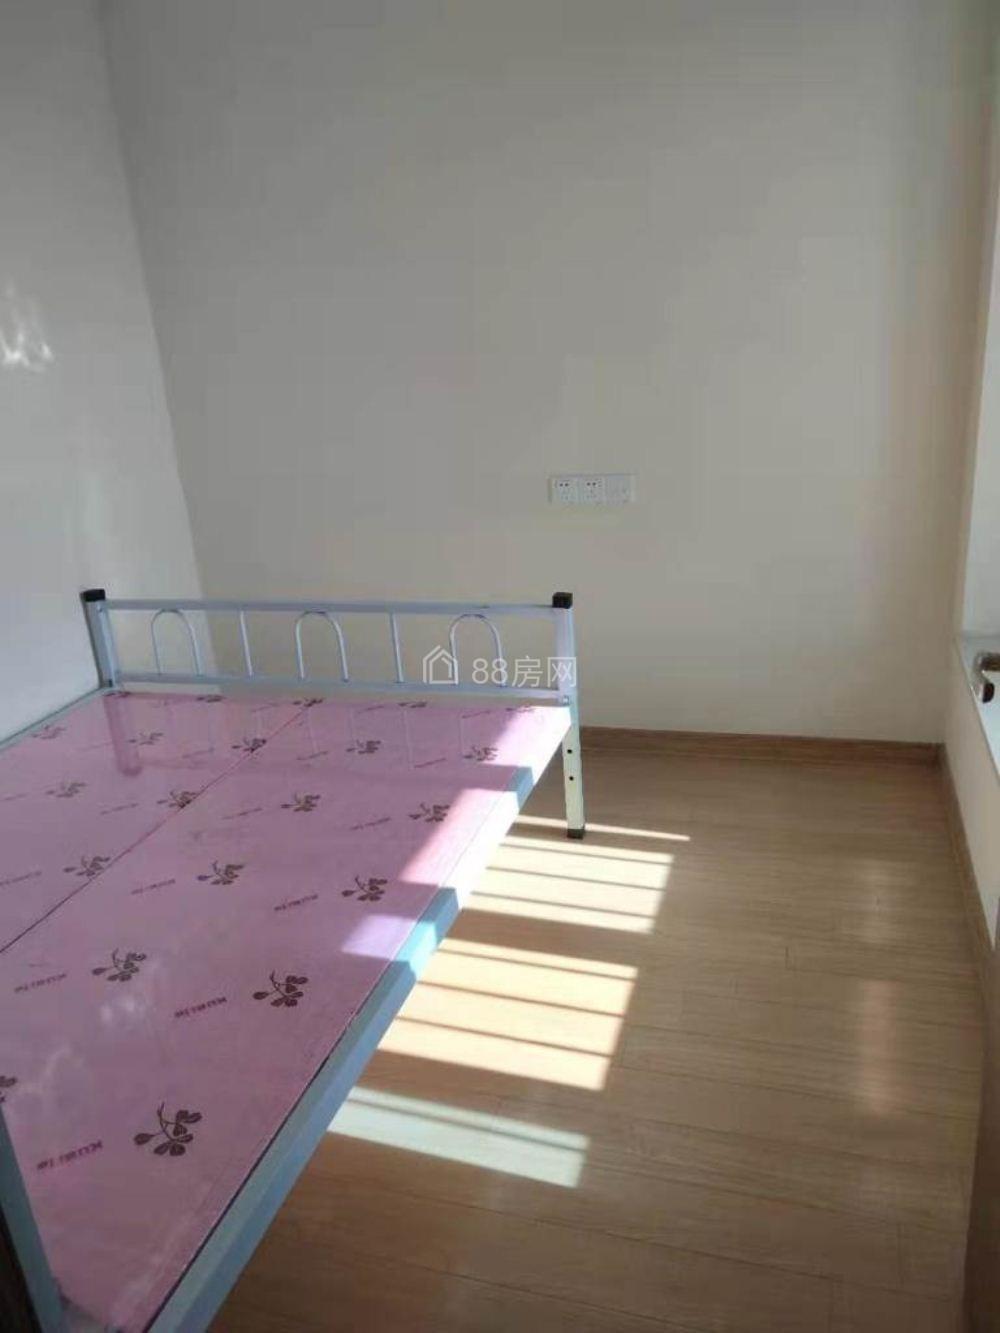 麒麟学校碧桂园120平3室2厅1卫 带全套家具出租1500元